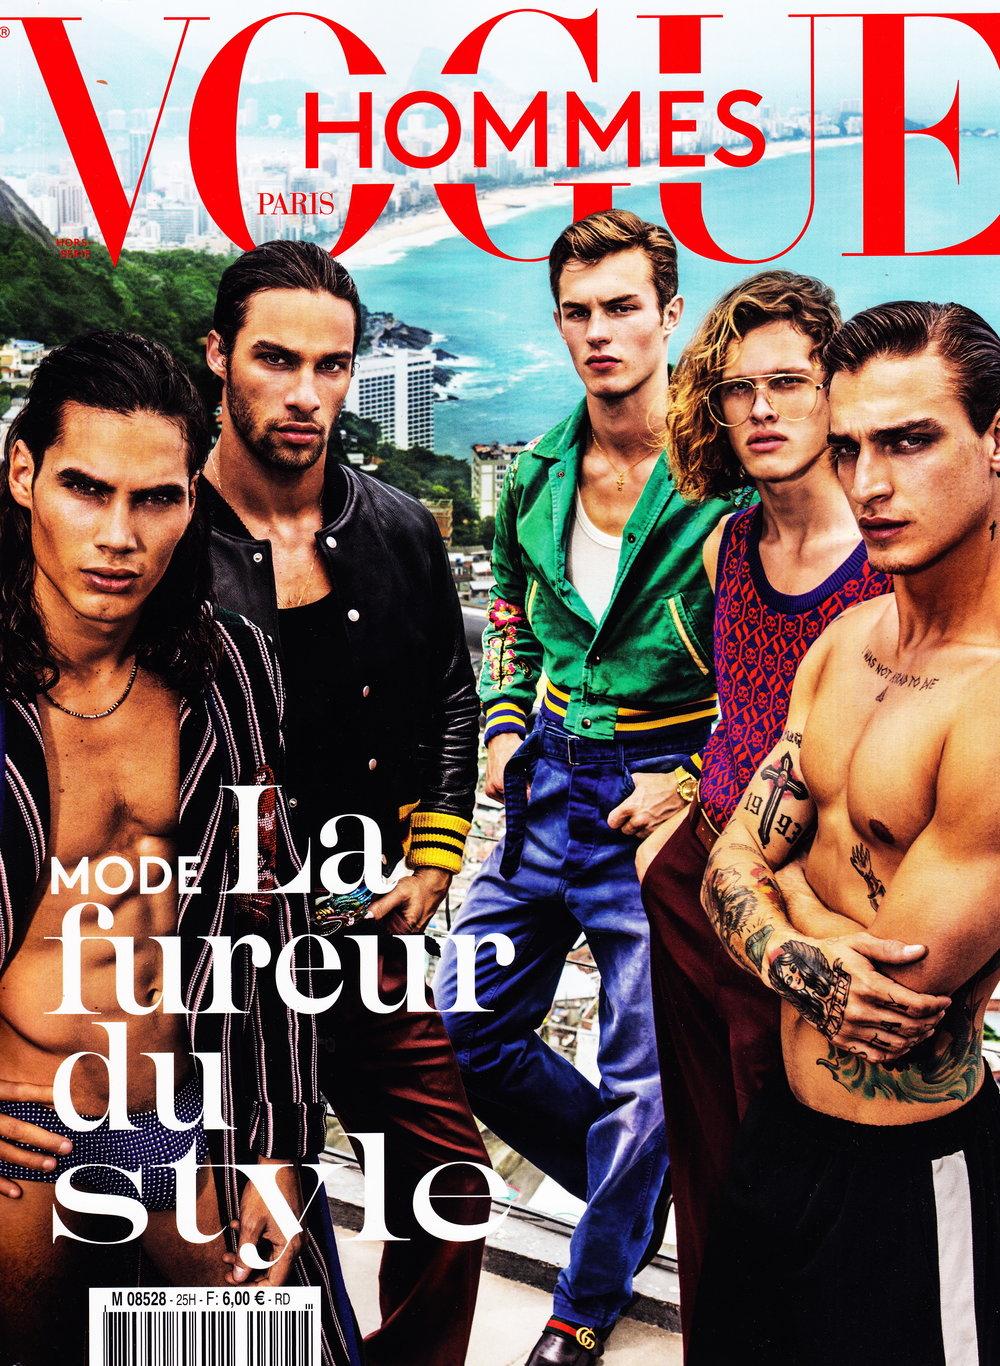 Vogue-front.jpg